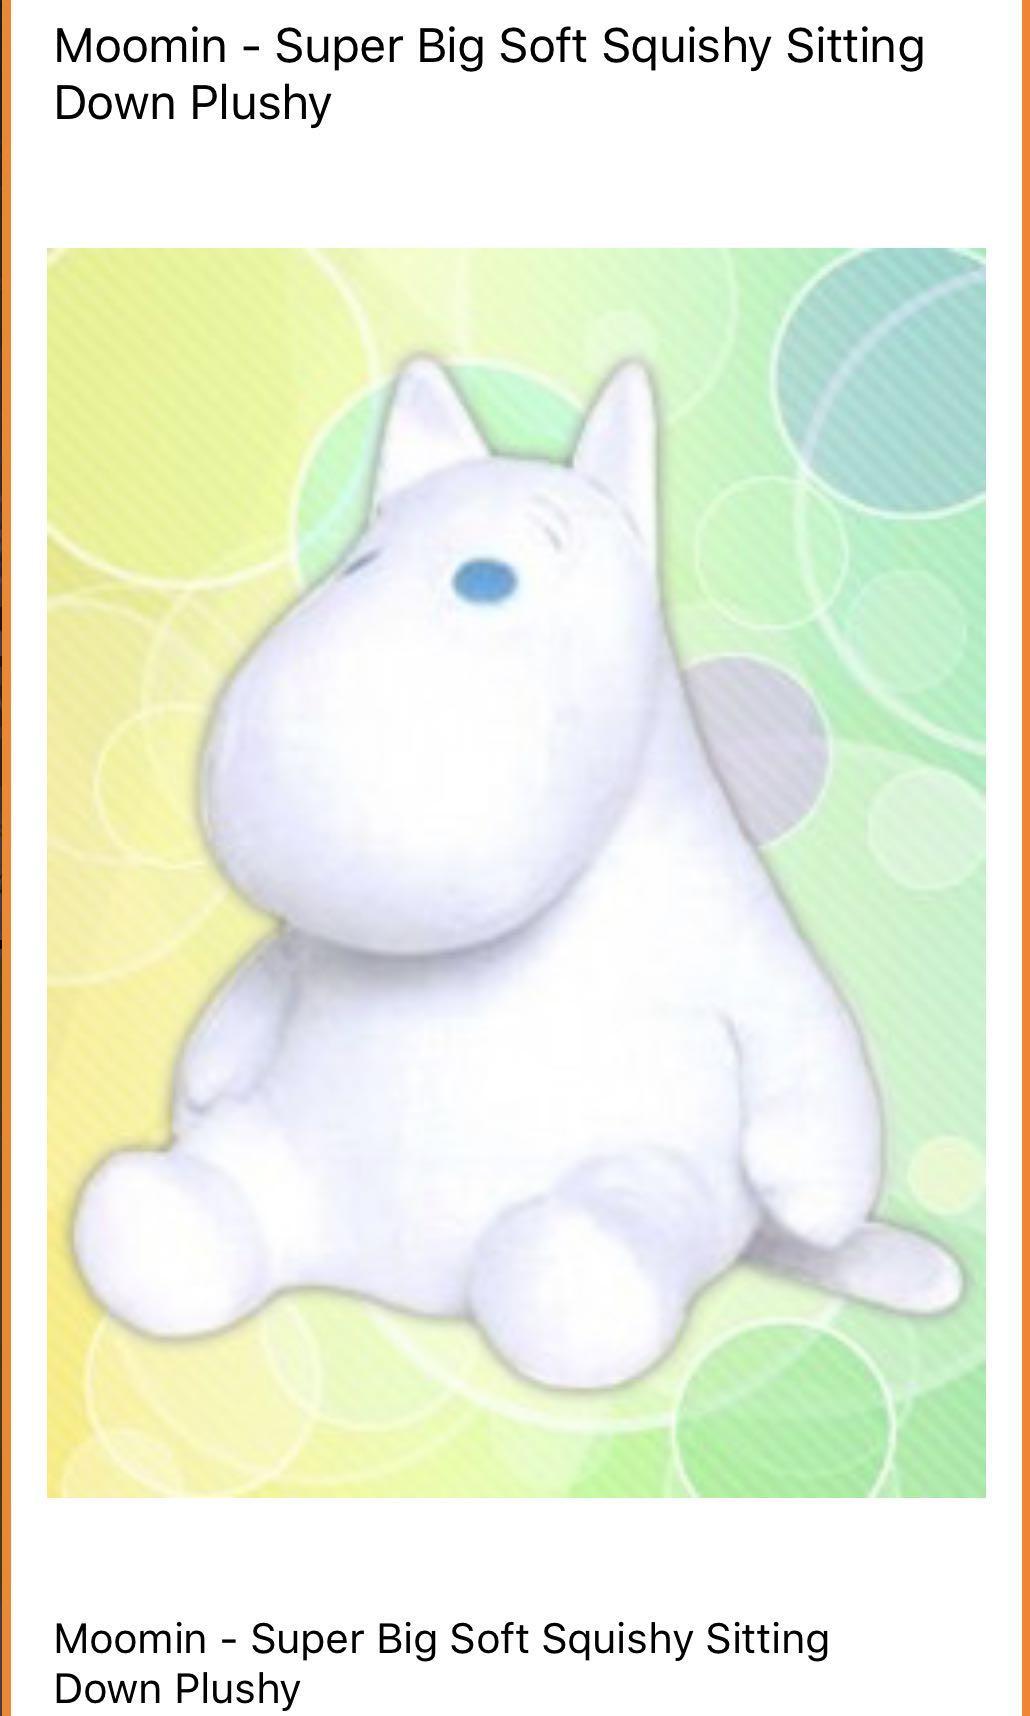 Moomin Super big soft plushy squishy sitting down Japan claw